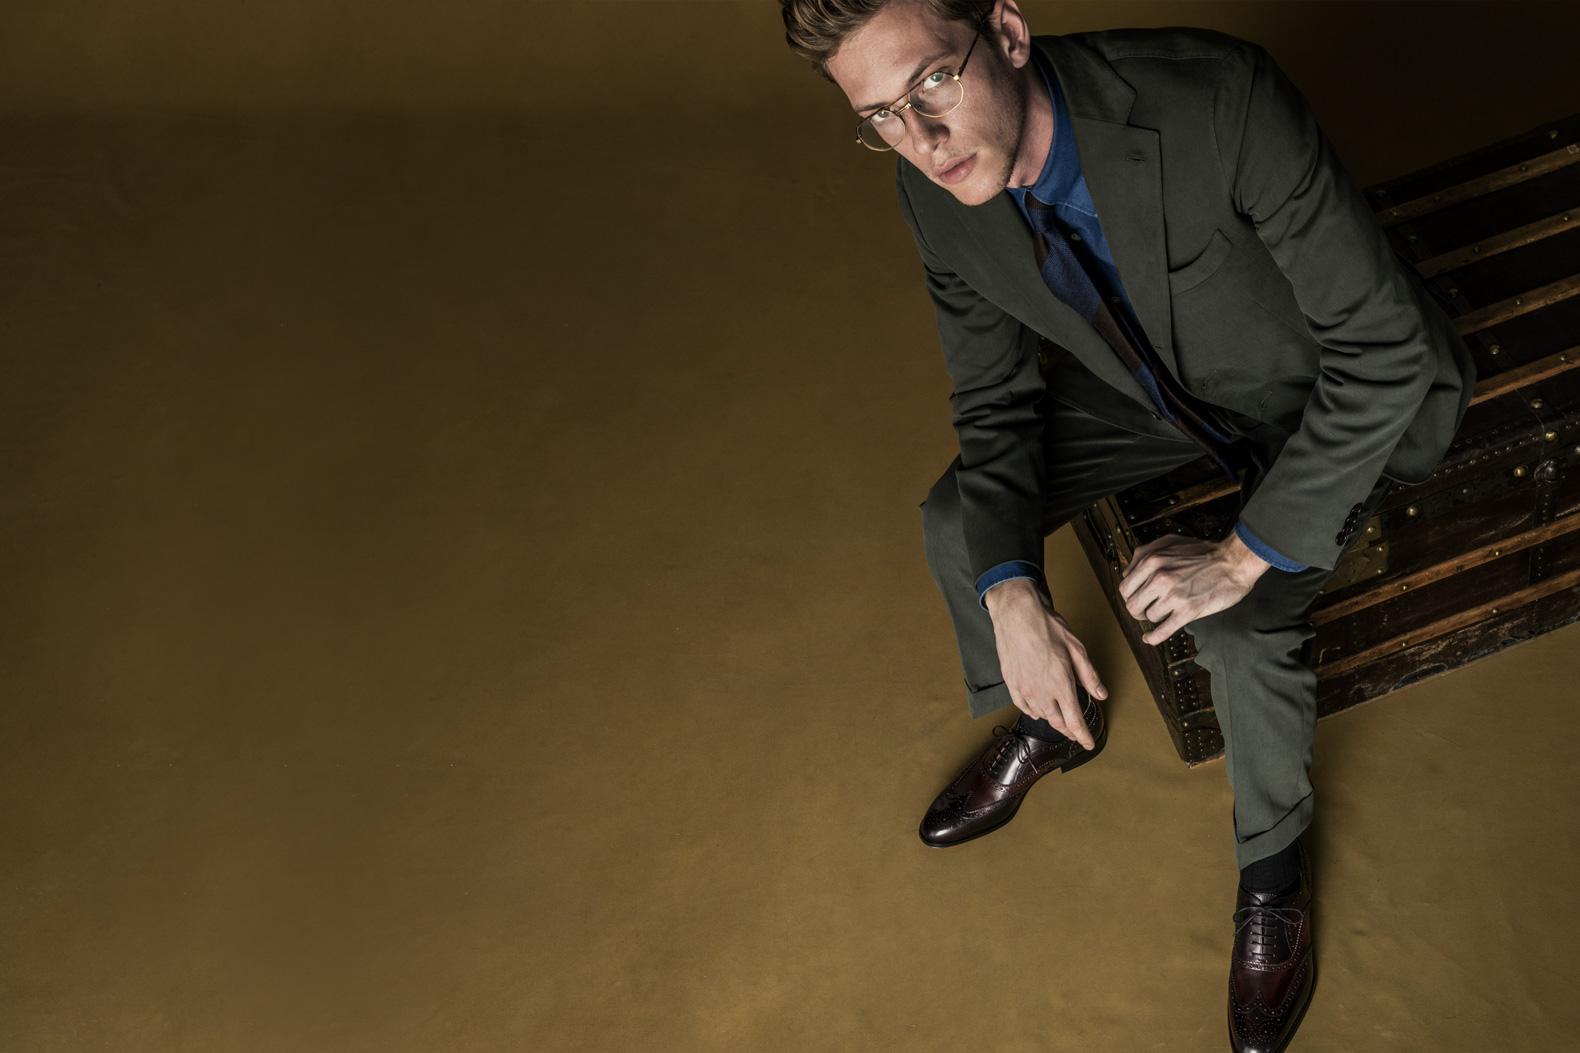 盛岡から全国へ菅原靴店が発信する 靴から始まるファッションの楽しみ方